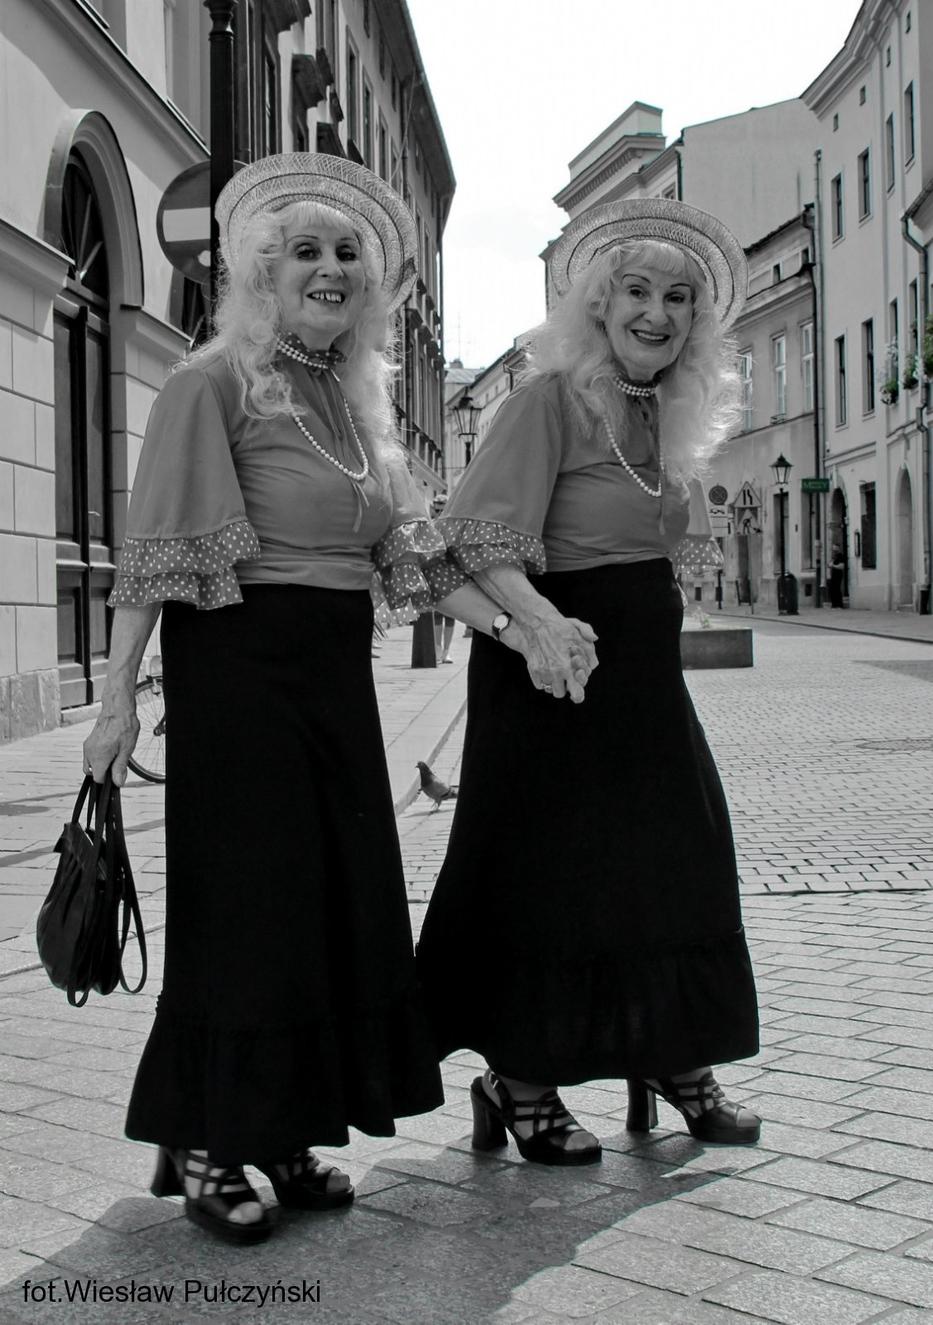 Kraków street photo...bliźniaczki